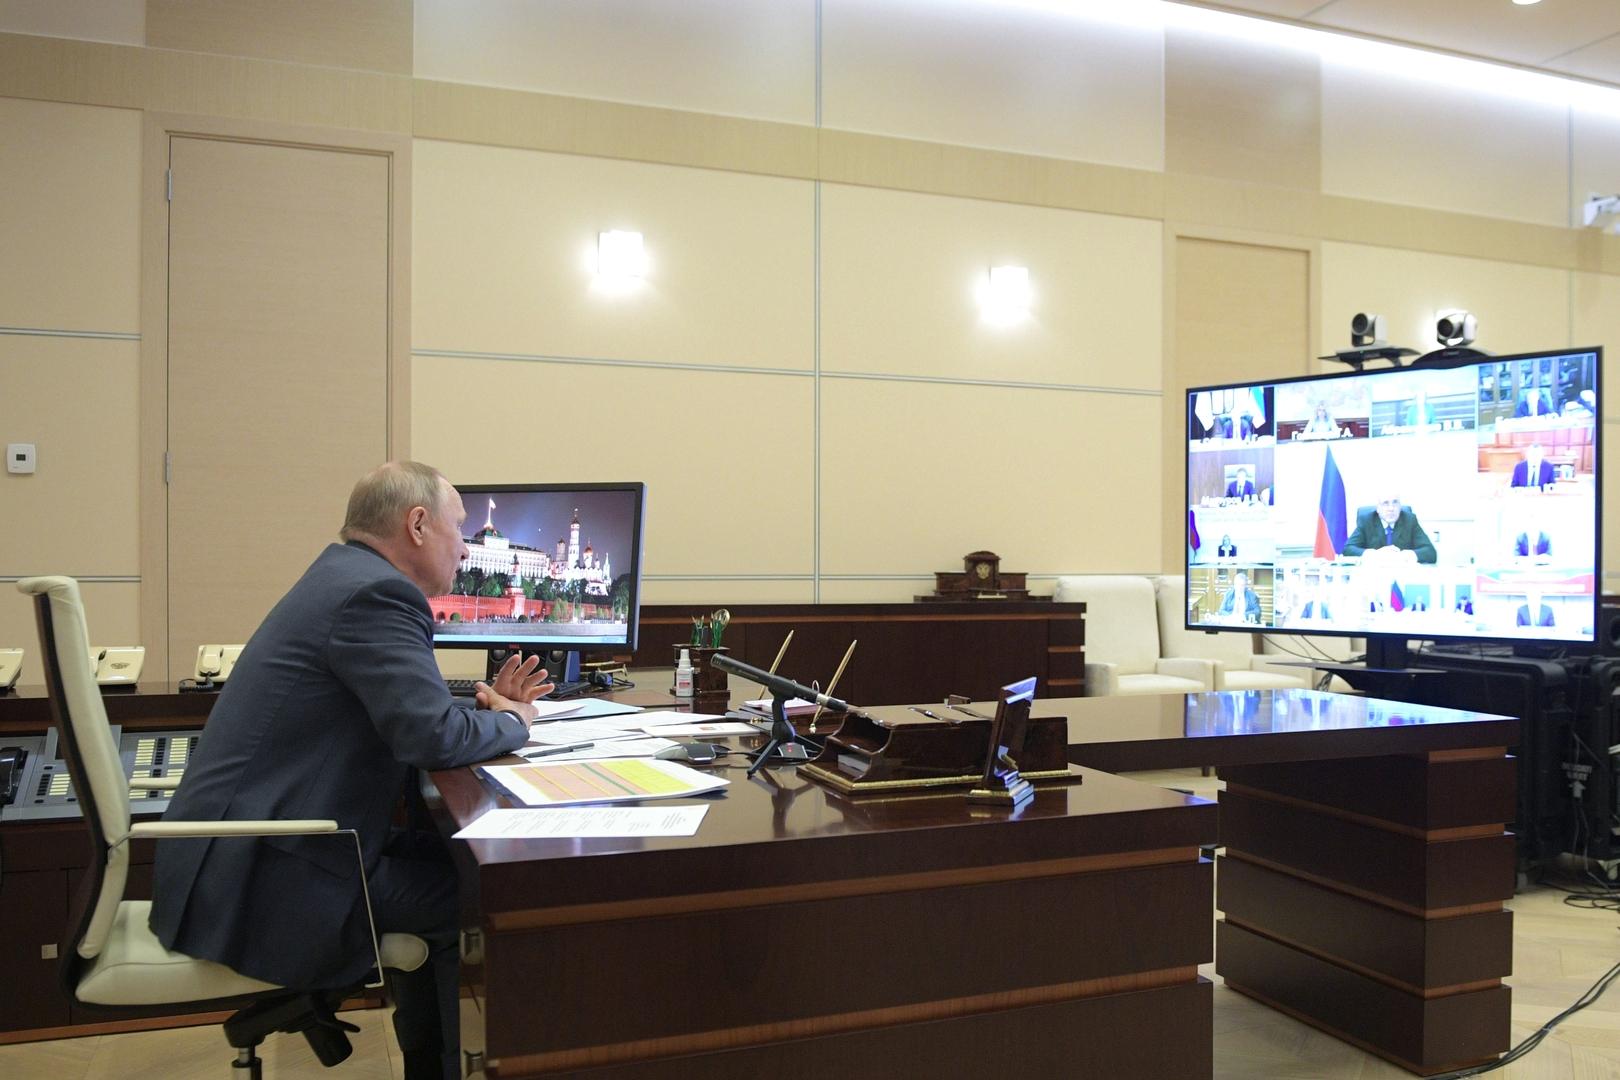 الرئيس فلاديمير بوتين يعقد اجتماعا مع أعضاء الحكومة عبر الدائرة التلفزيونية المغلقة